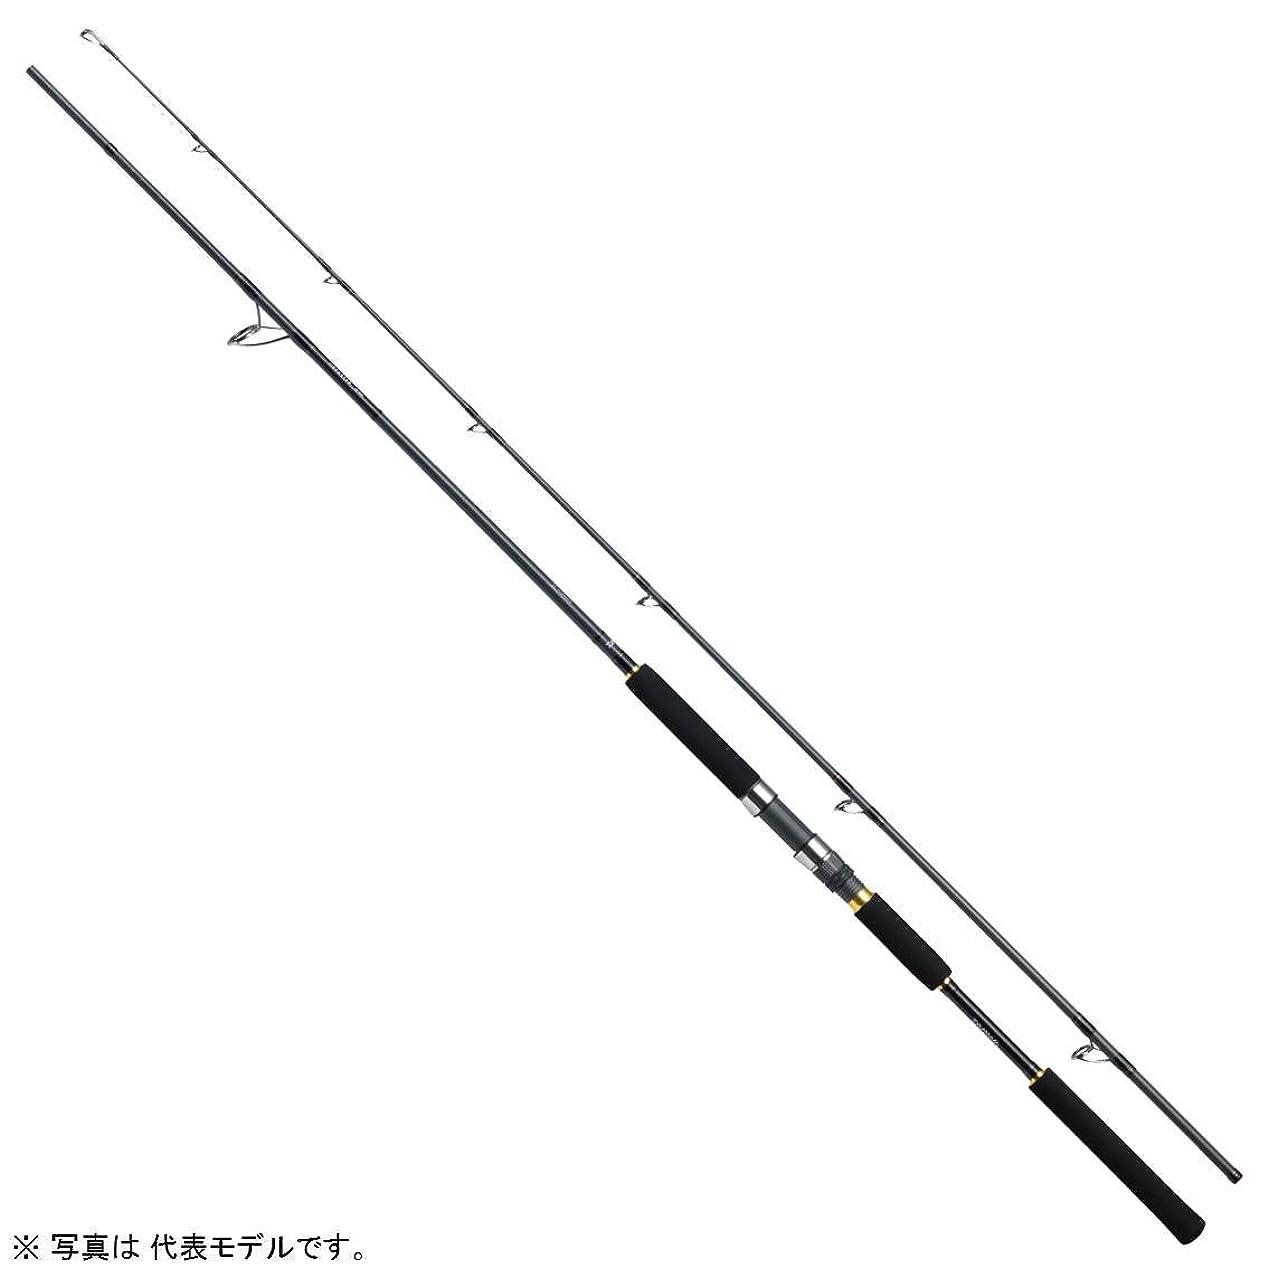 考慮口径協会ダイワ(Daiwa) ショアジギングロッド スピニング ジグキャスター MX 106H 釣り竿